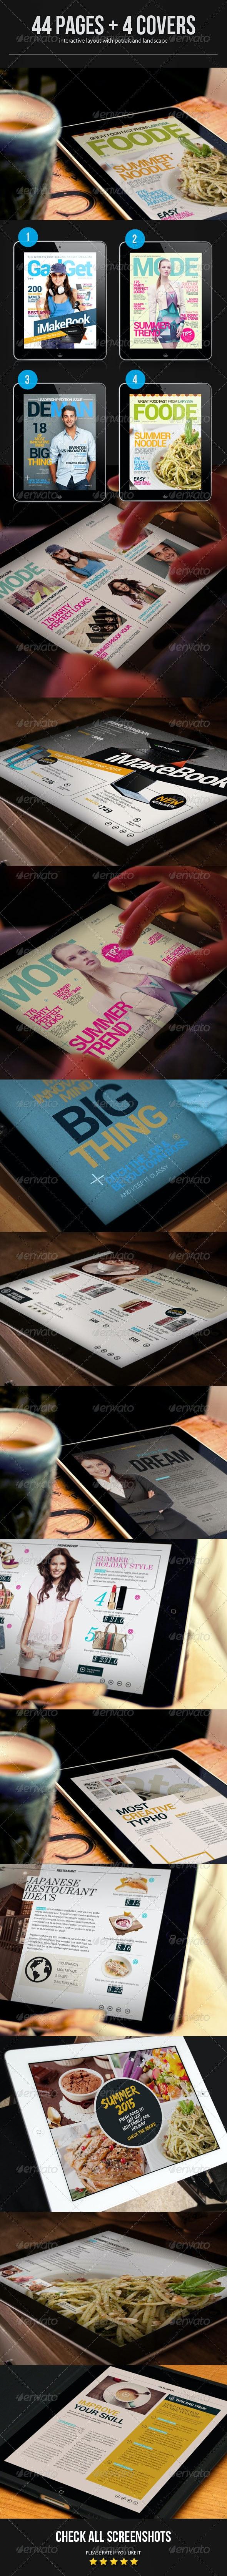 Interactive Magazine Template - Digital Magazines ePublishing